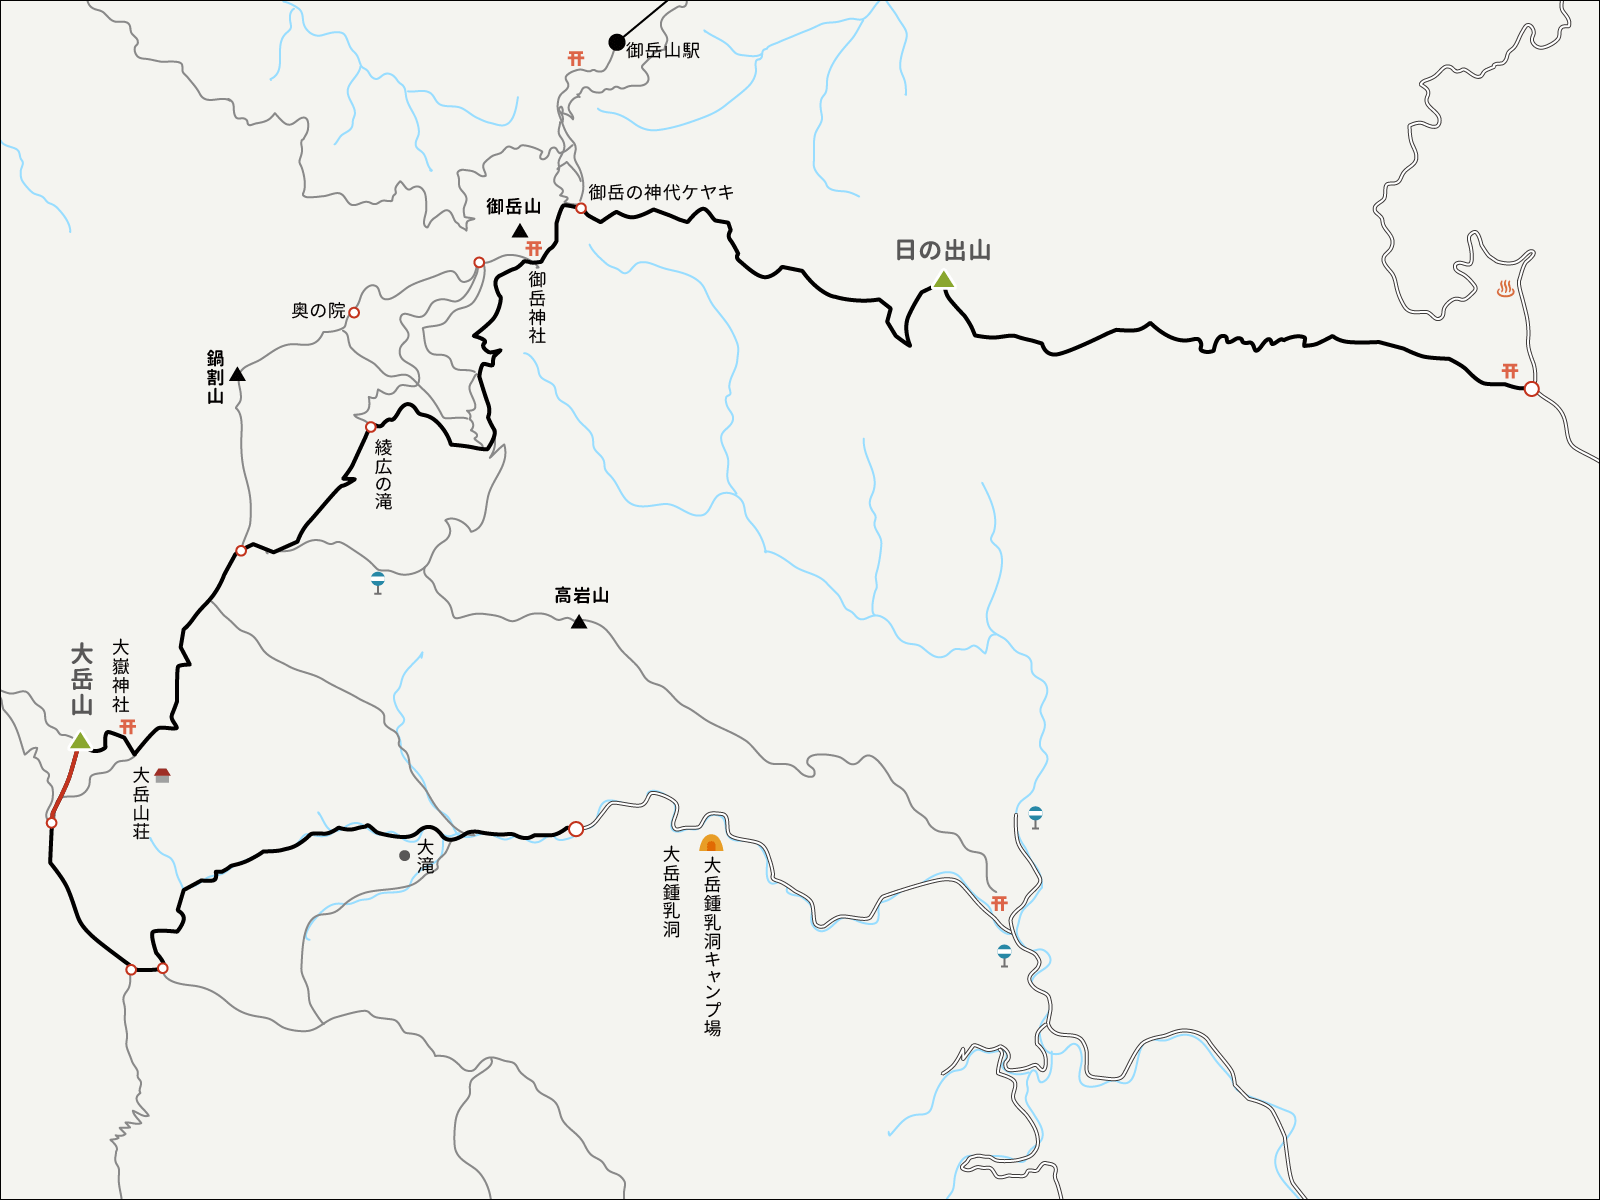 大岳鍾乳洞コースイラストマップ4